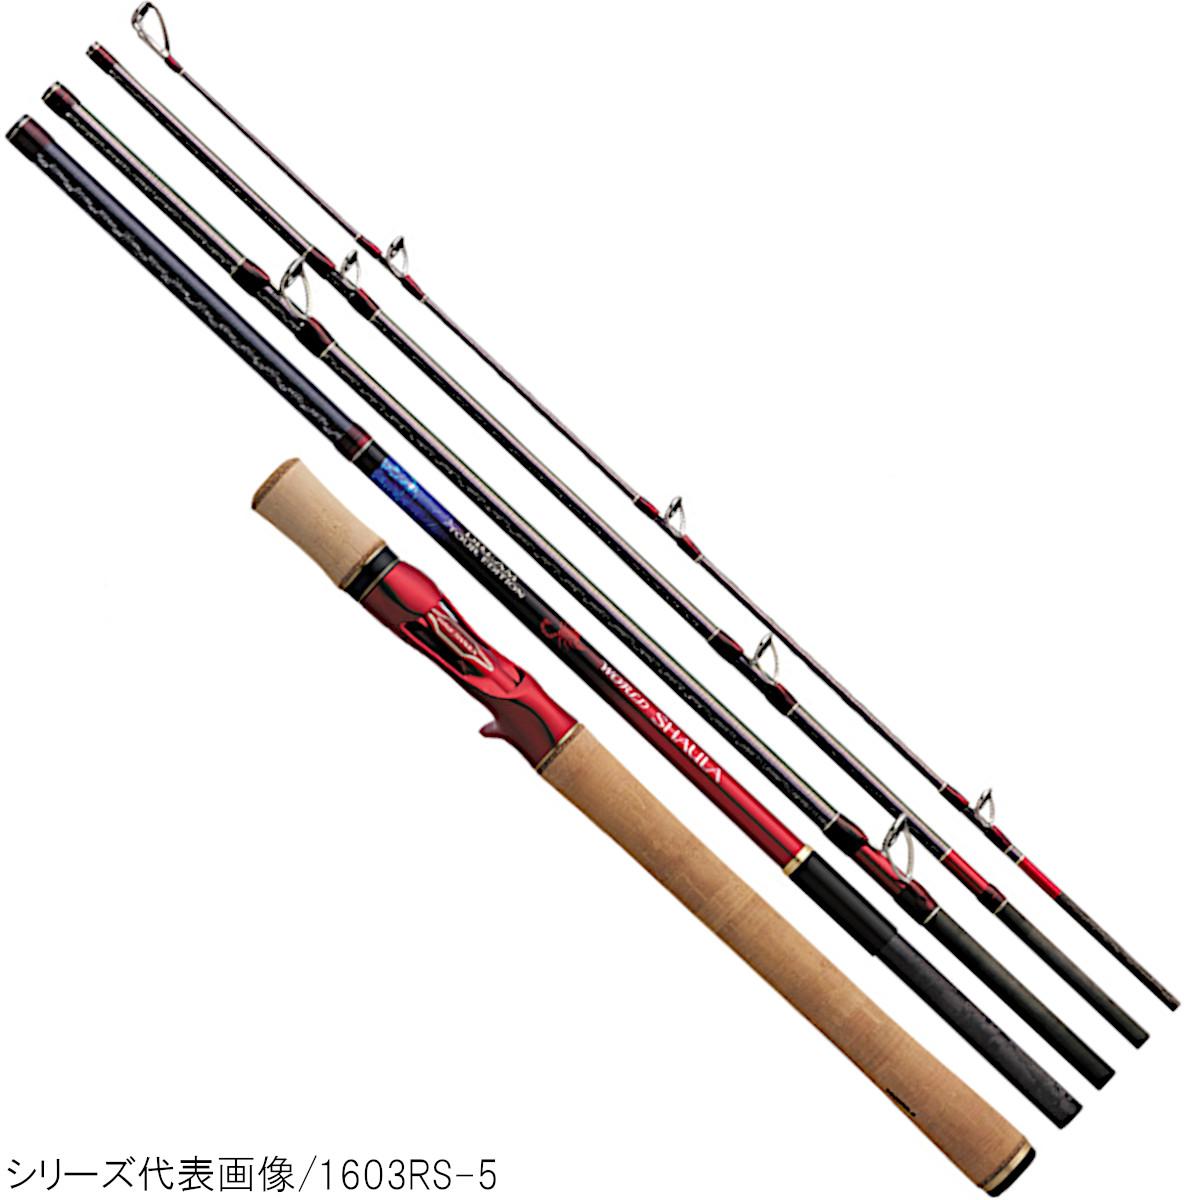 ワールドシャウラ ドリームツアーエディション 1604RS-5(バスロッド) シマノ【同梱不可】